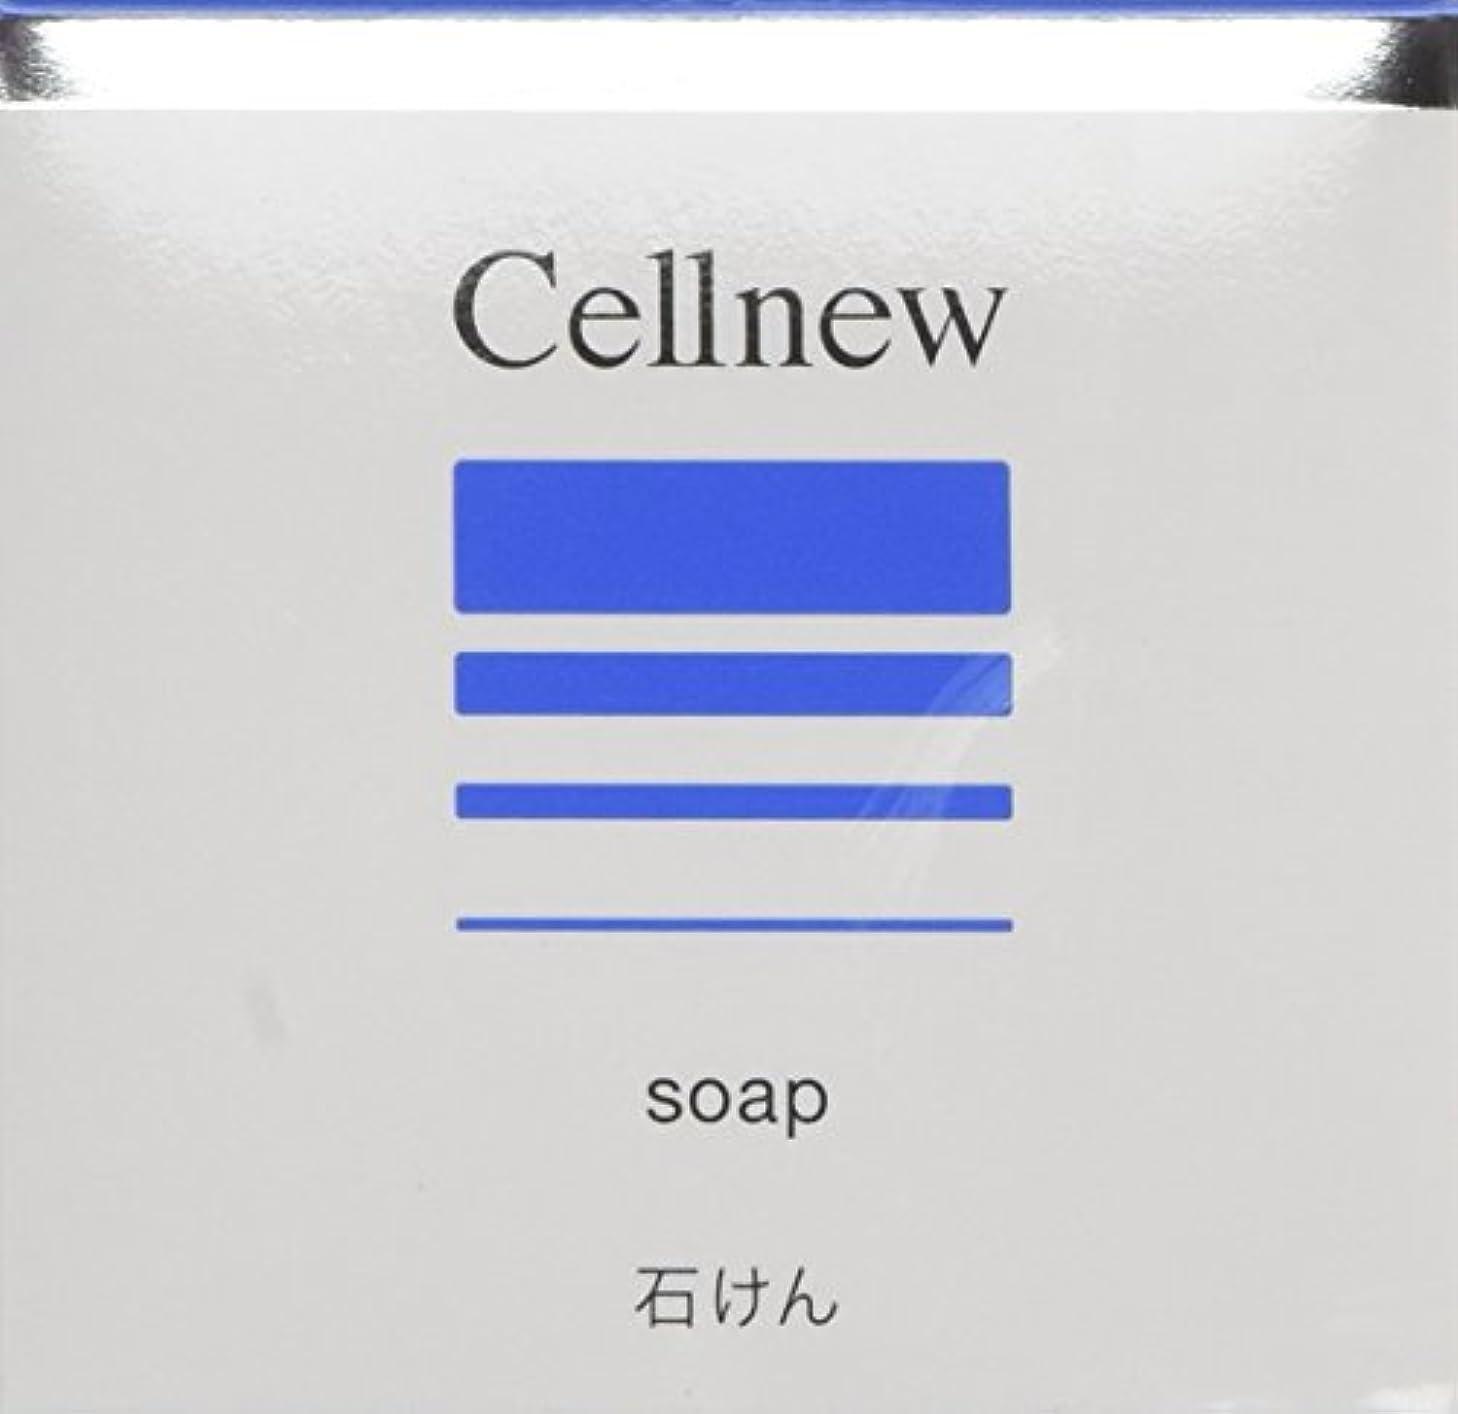 栄光文庫本電化するセルニュー ソープ 80g [CN]【洗顔石鹸?洗顔せっけん】